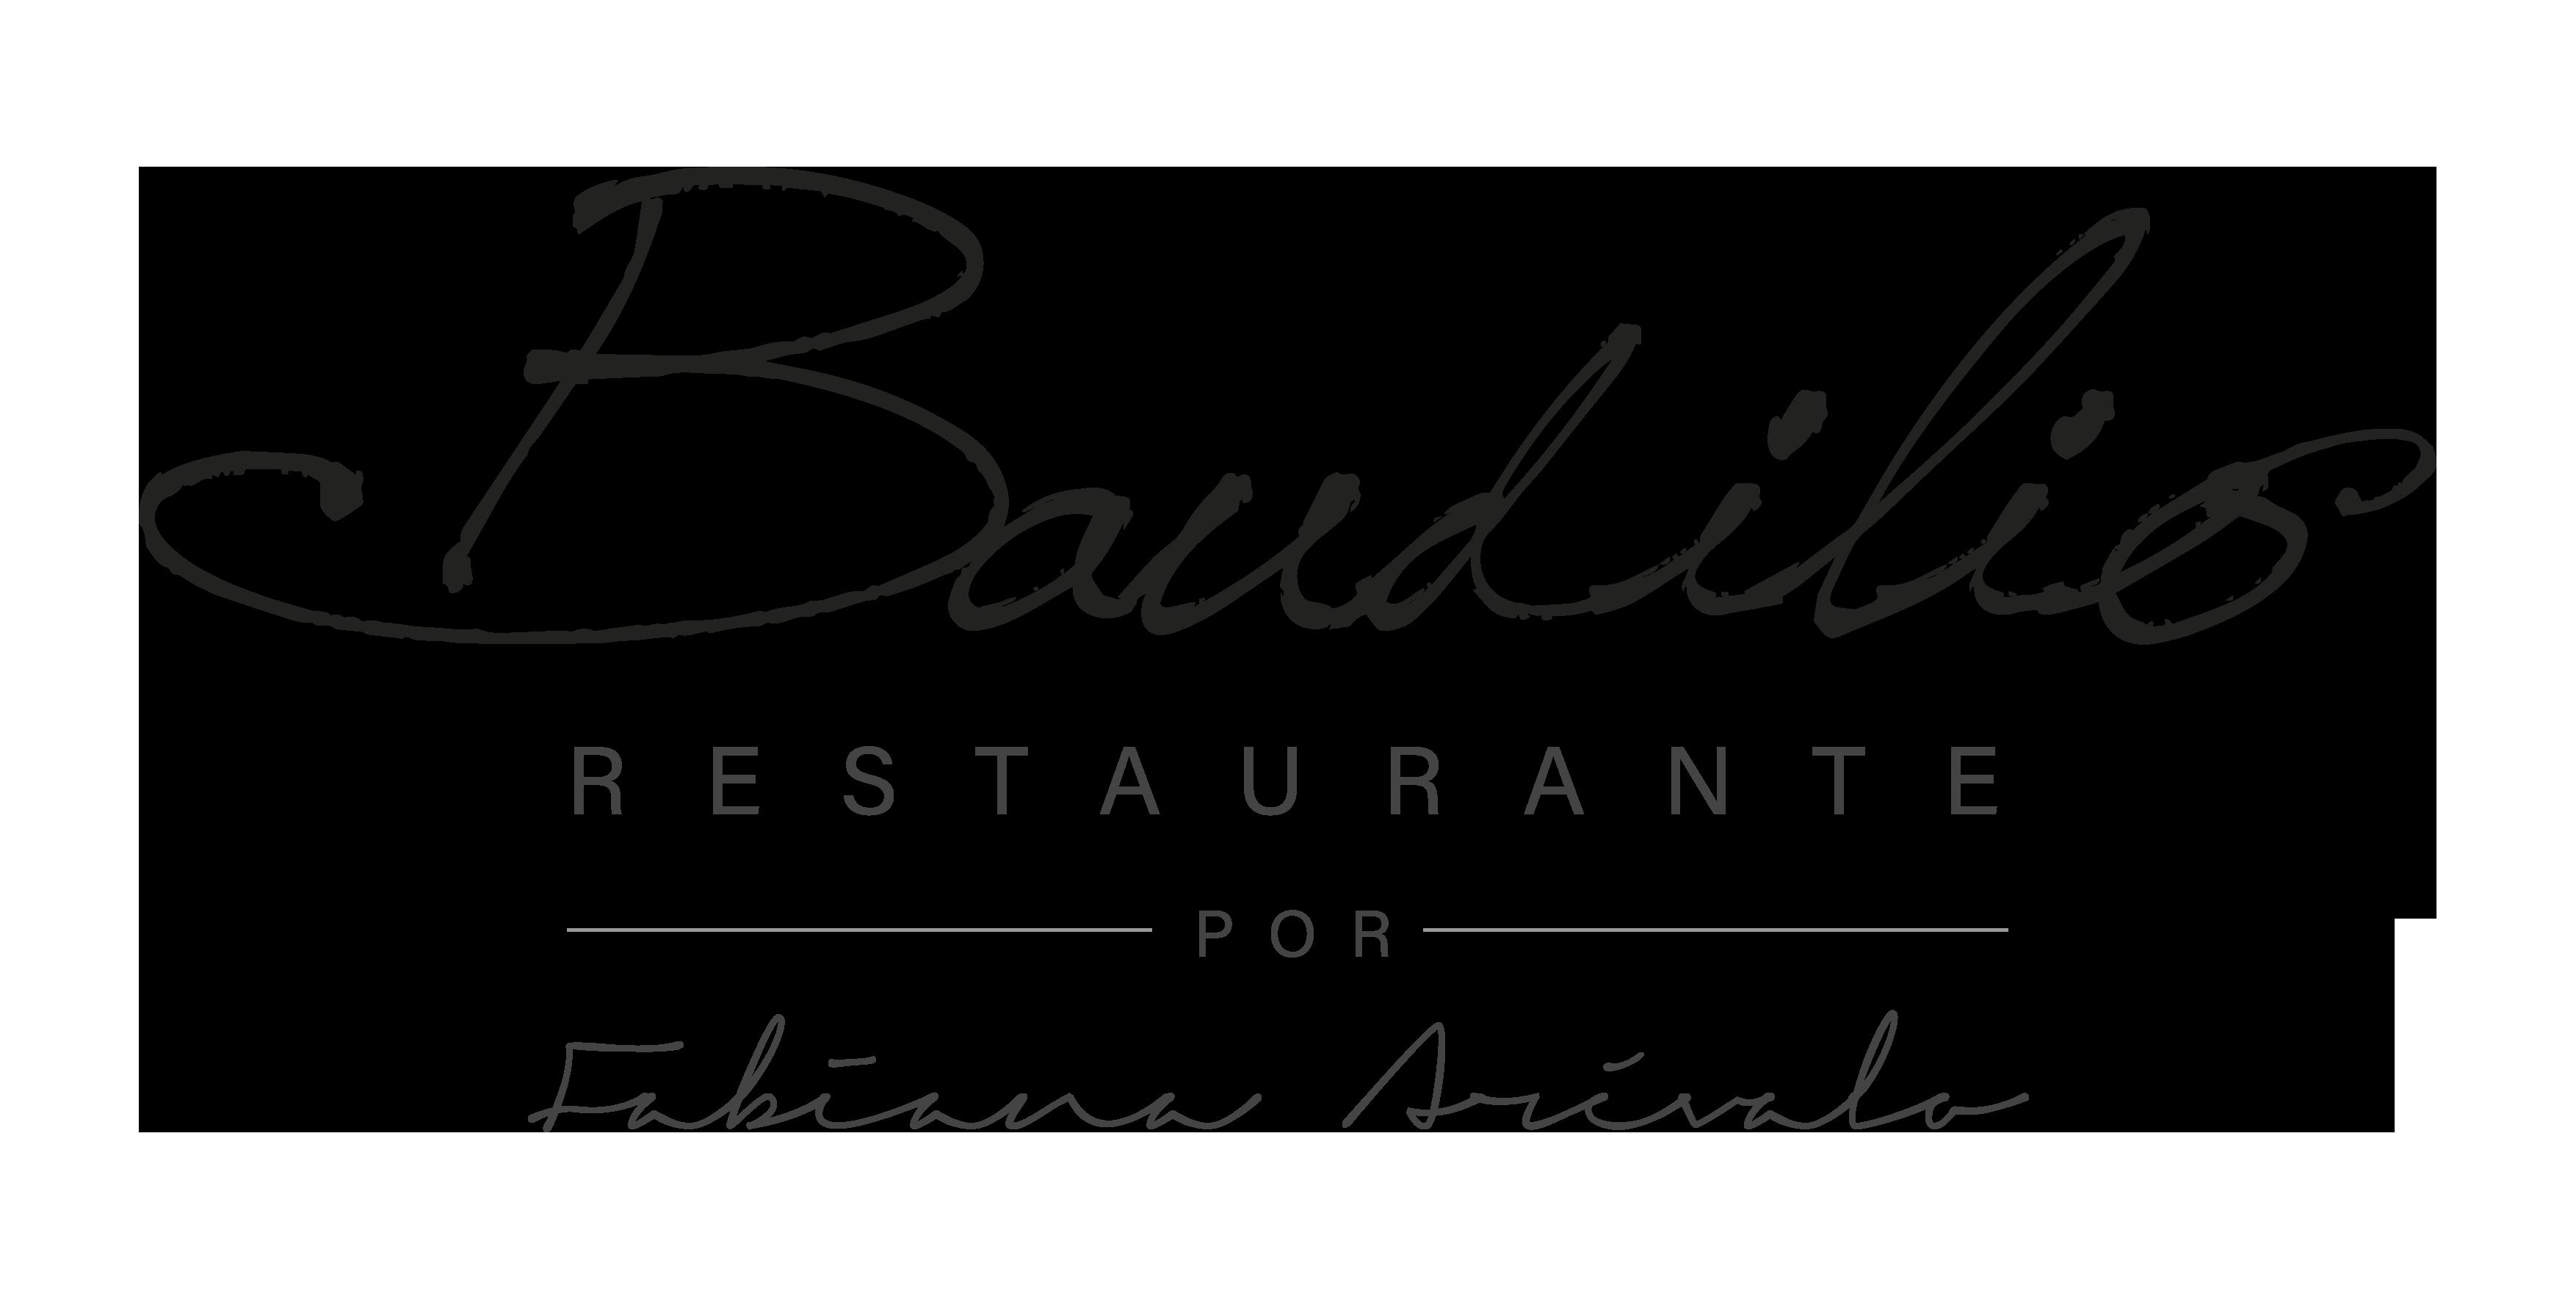 Baudilio restaurante por Fabiana Arévalo